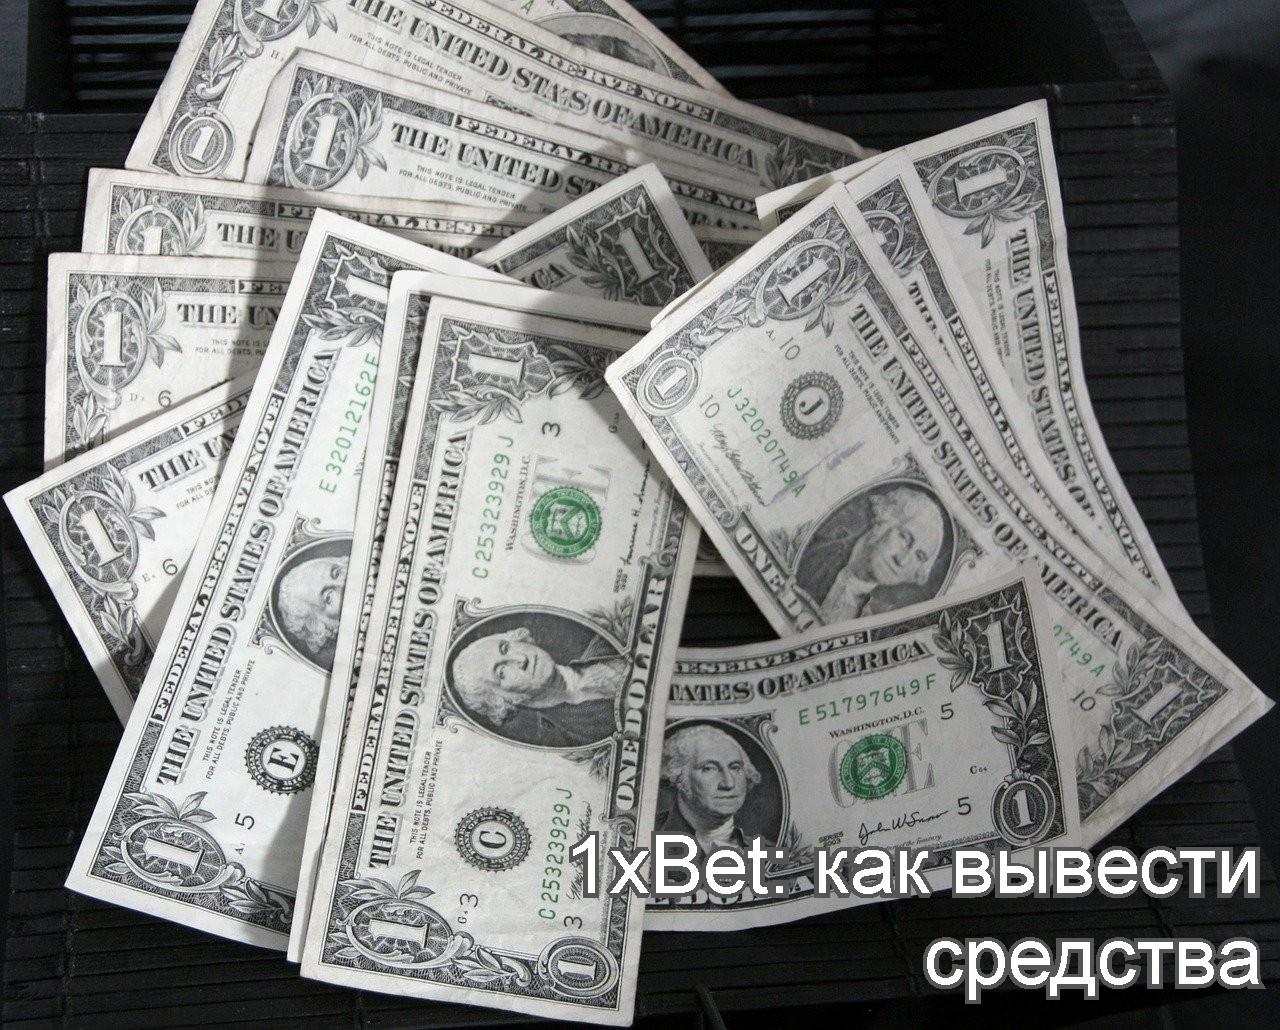 1xBet условия бонусной программы: как вывести средства